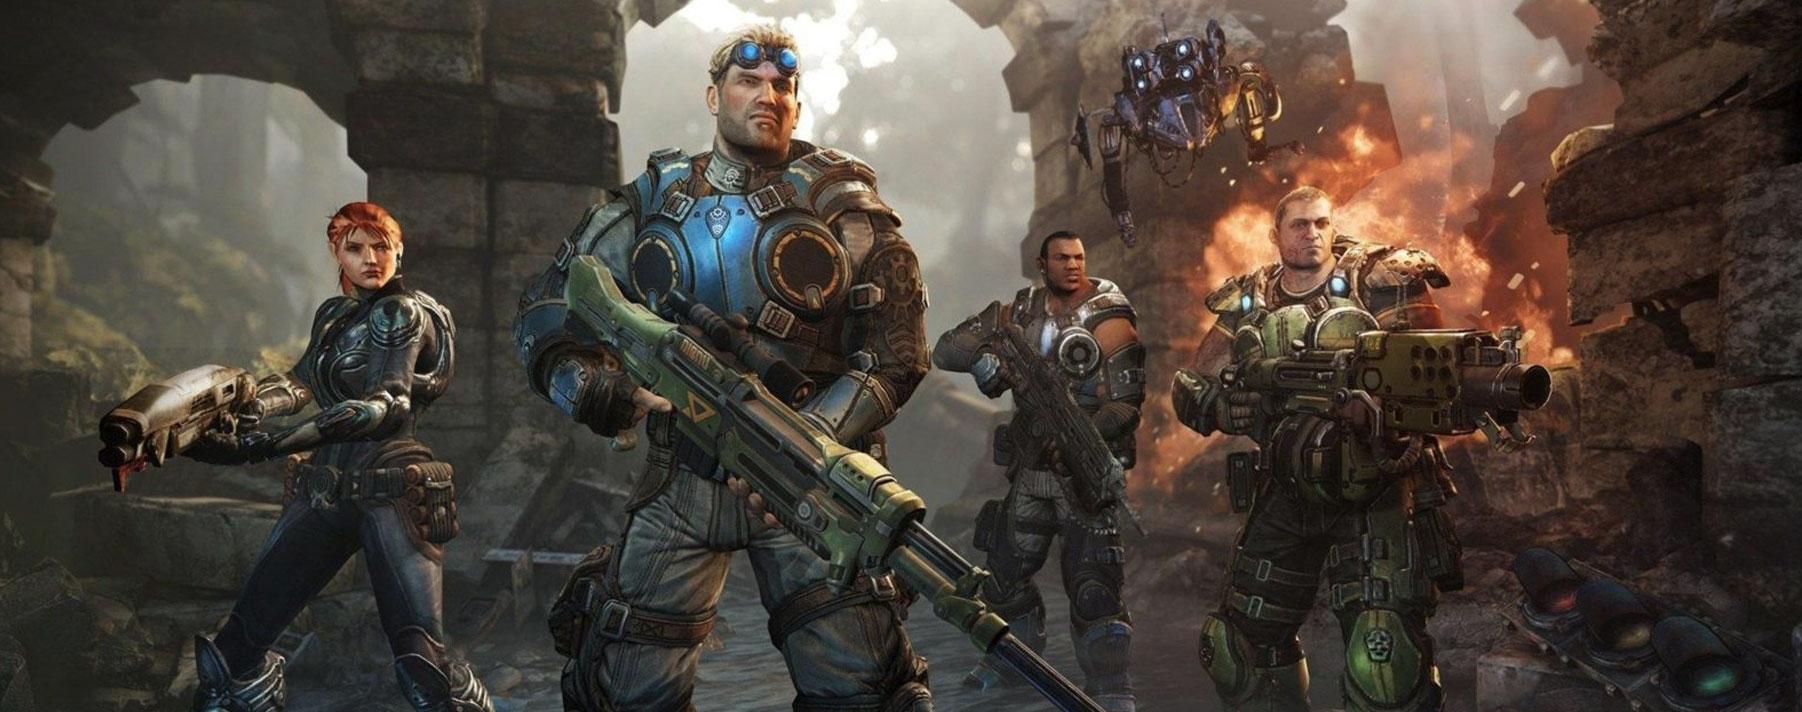 Gears of War. Los tres juegos originales y la precuela Judgment se pueden reproducir en Xbox One mediante compatibilidad con versiones anteriores.